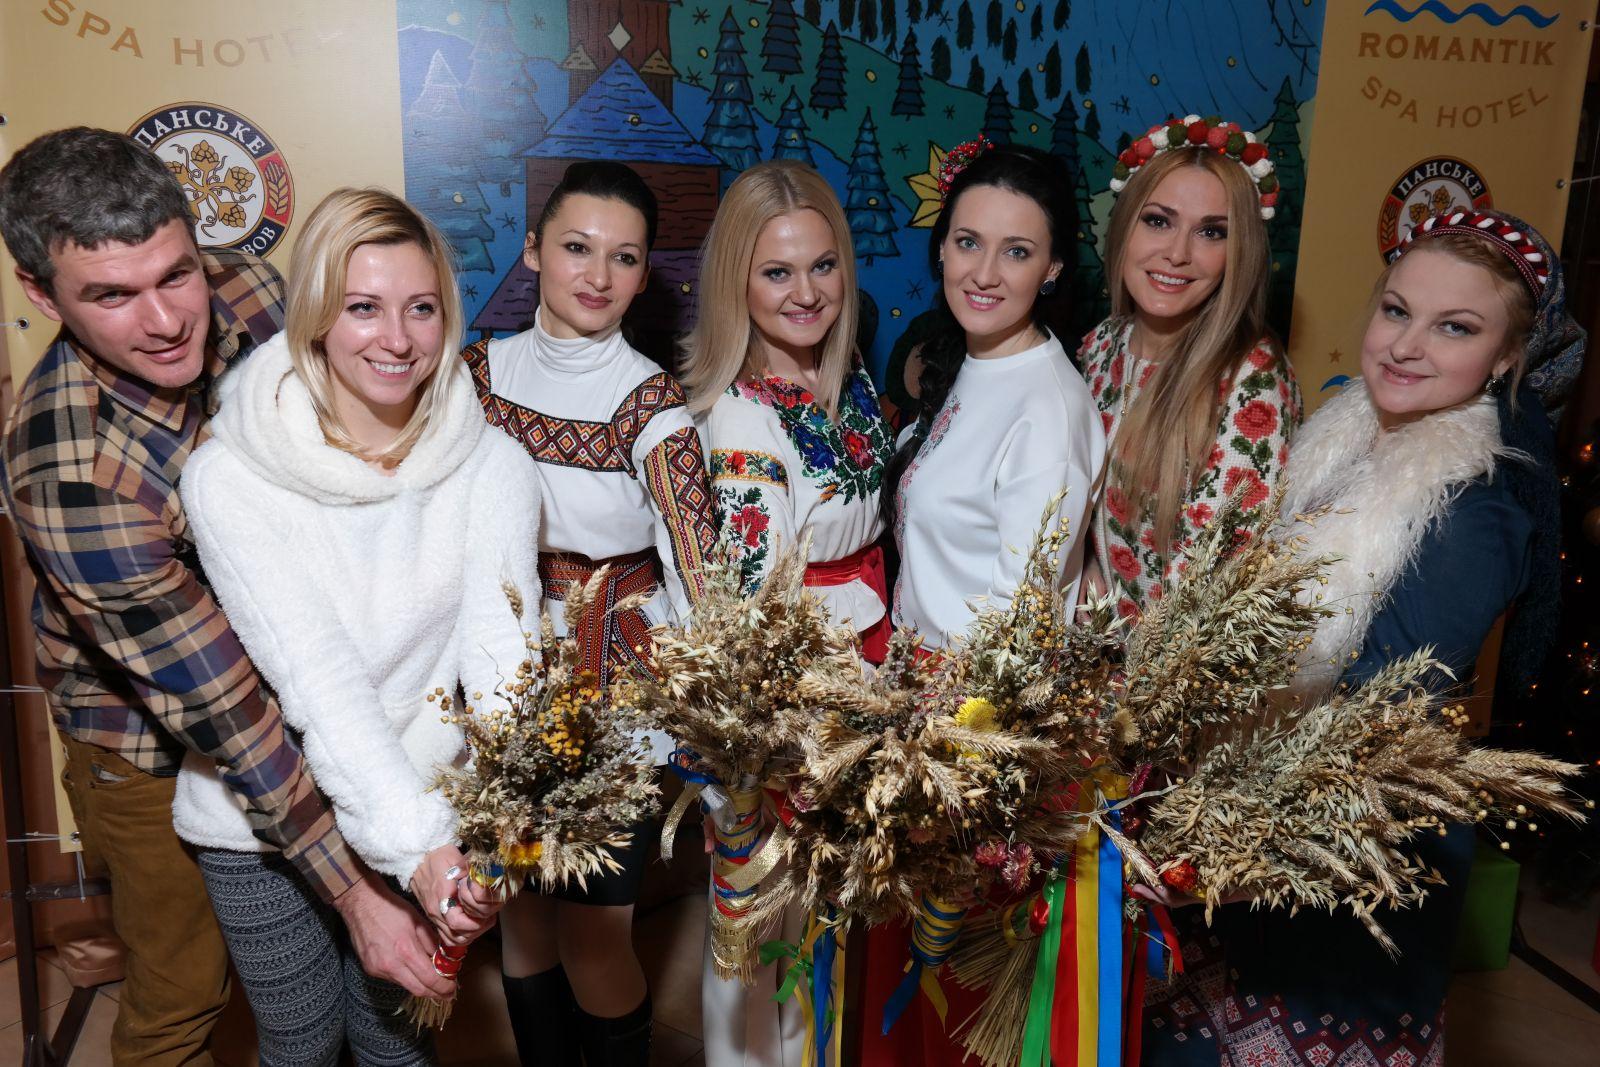 Арсен Мирзоян, Тоня Матвиенко, Наталья Бучинская, Соломия Витвицкая, Ольга Сумская и Мария Бурмака